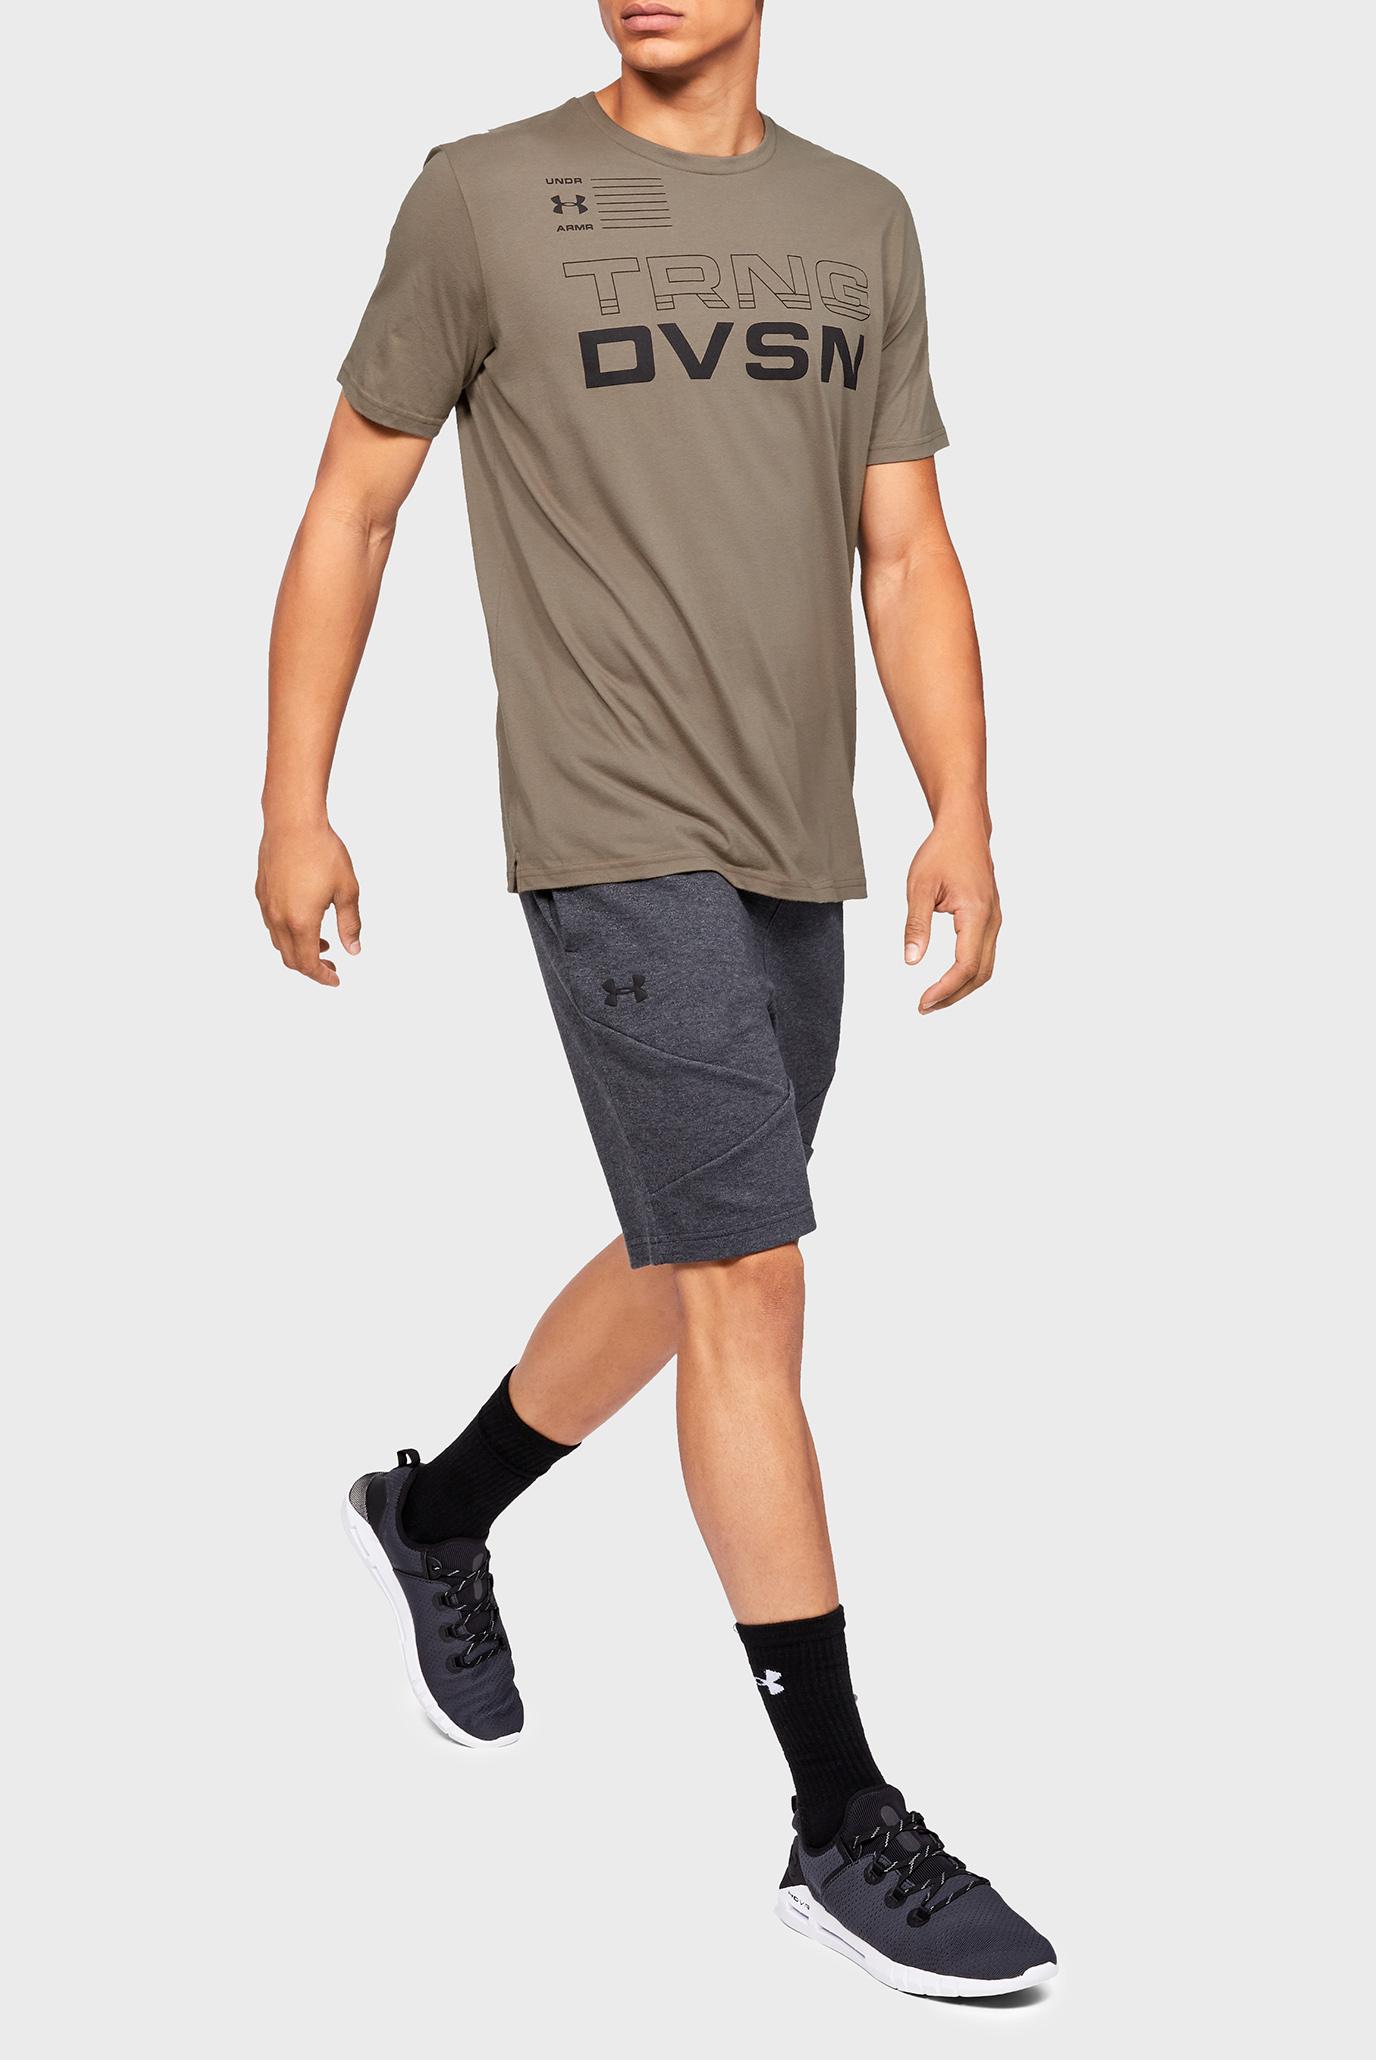 Купить Мужская коричневая футболка UA TRNG DVSN SS Under Armour Under Armour 1329597-221 – Киев, Украина. Цены в интернет магазине MD Fashion